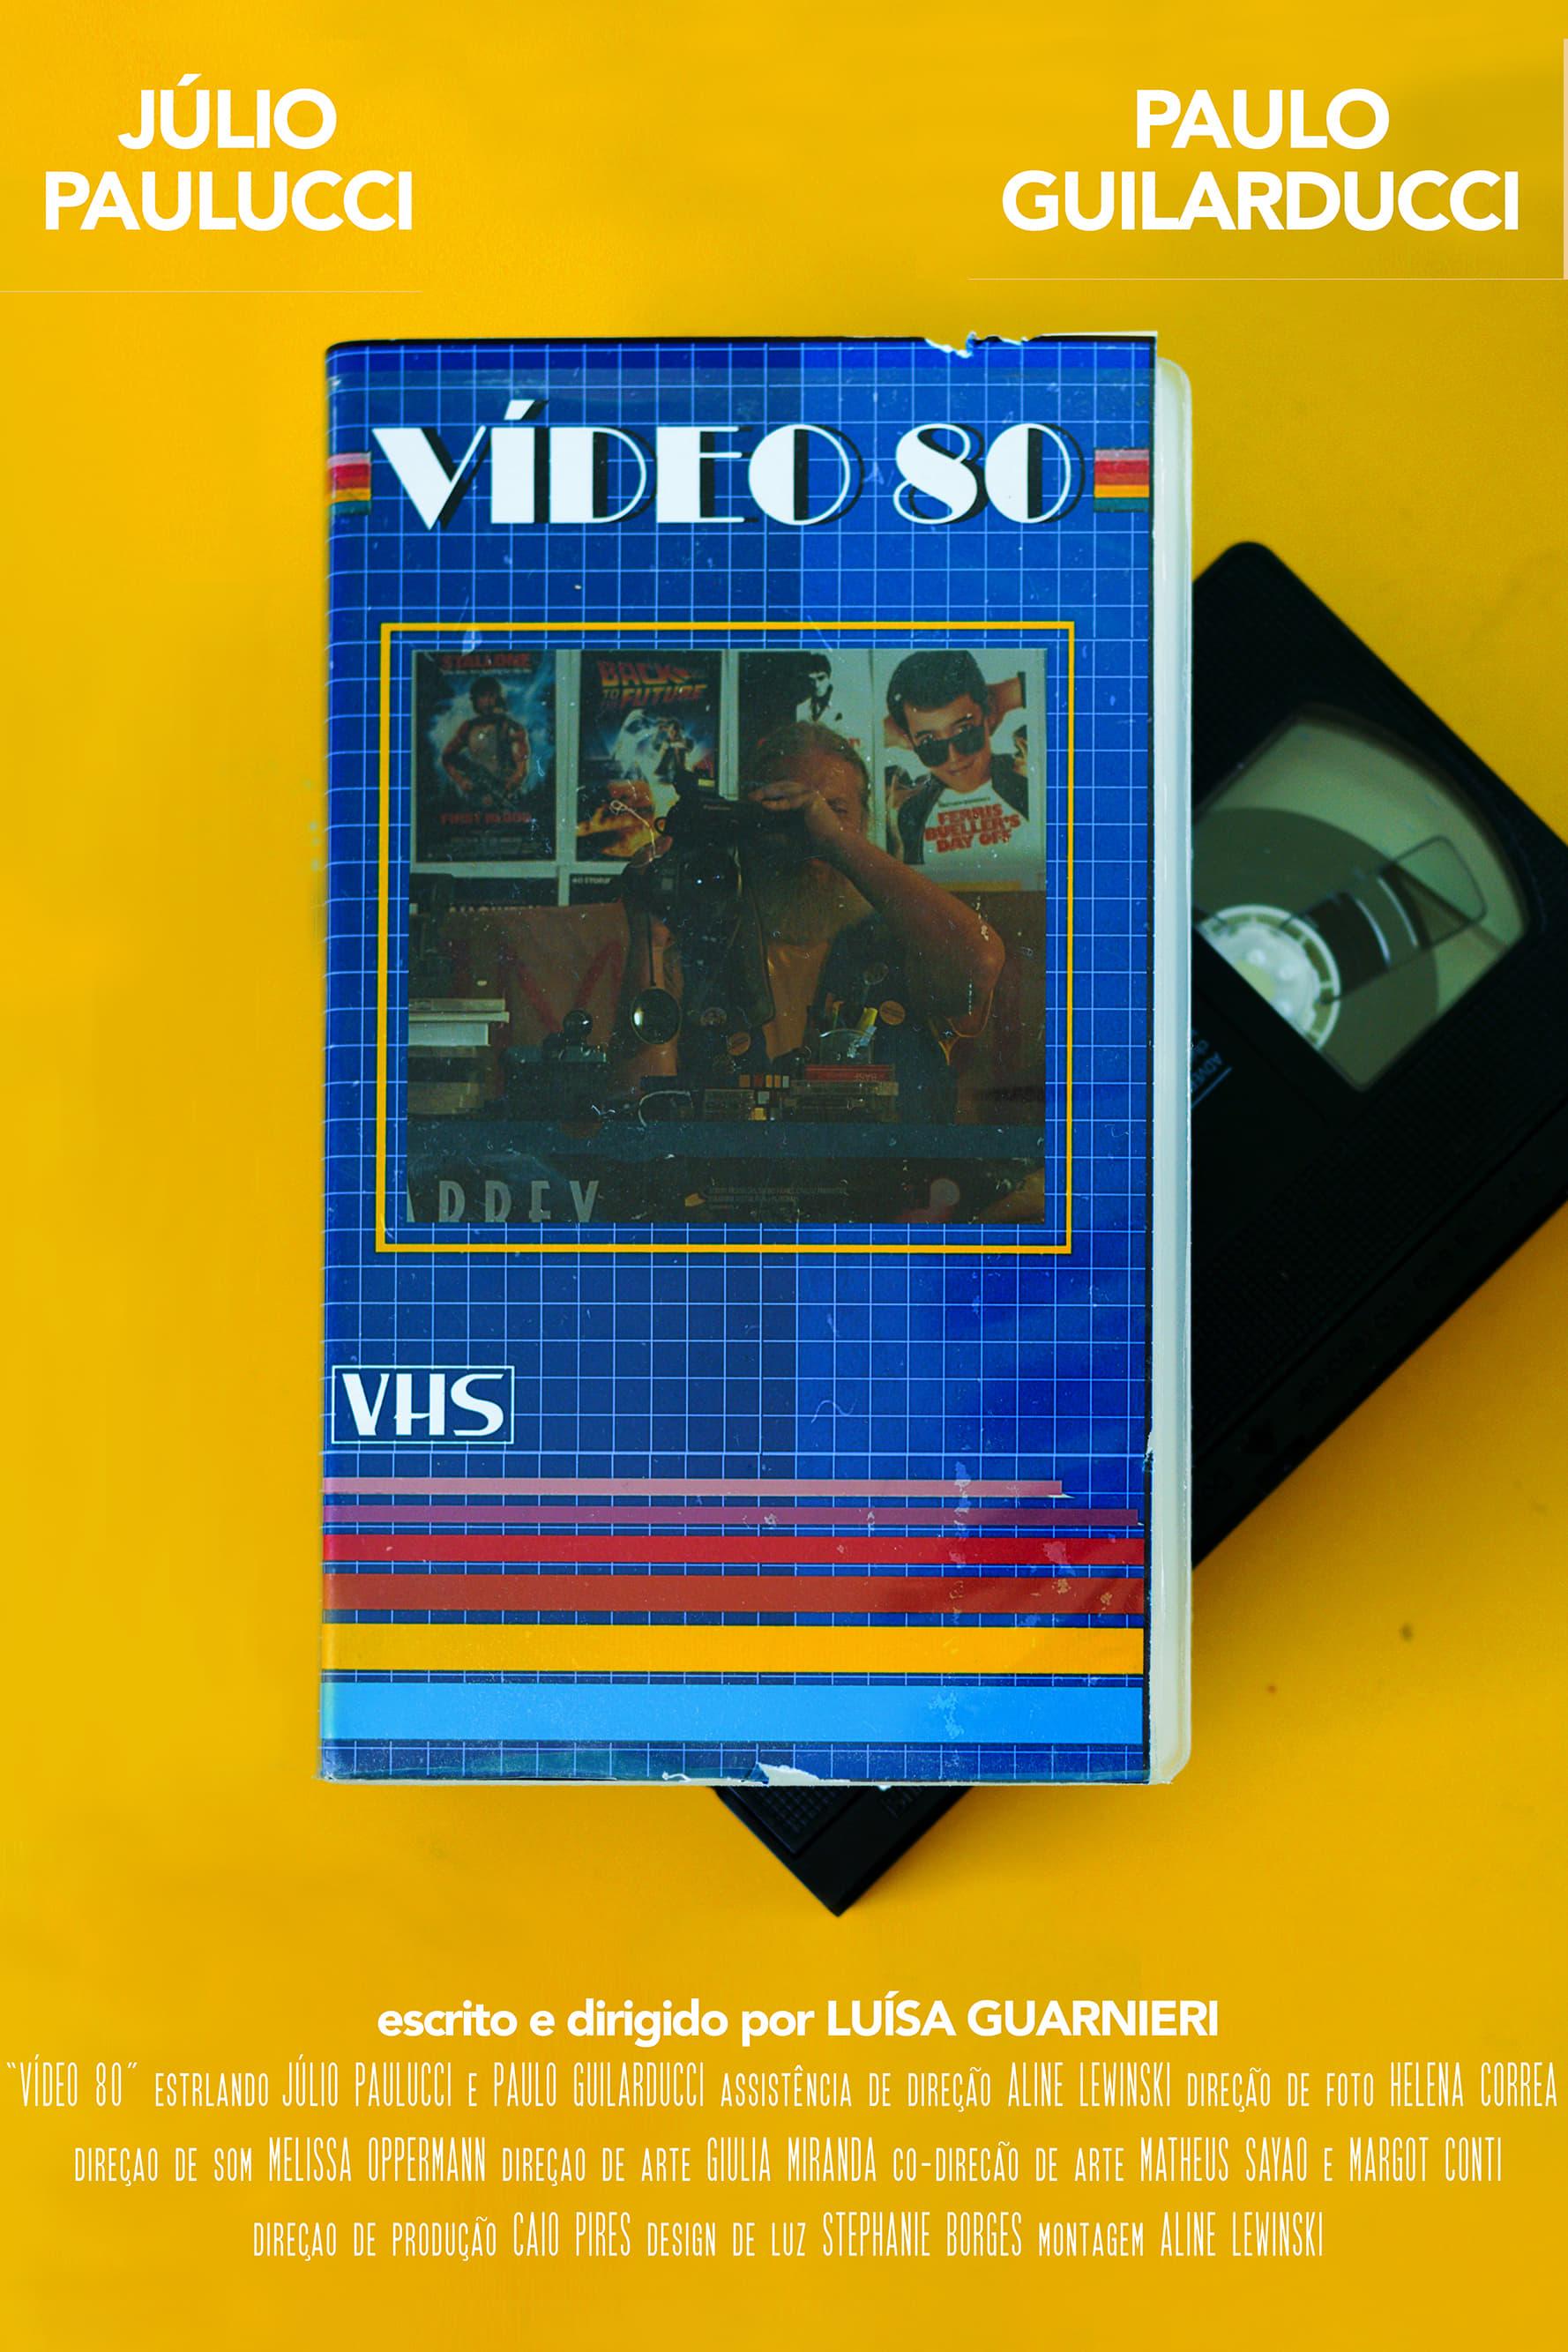 Vídeo 80